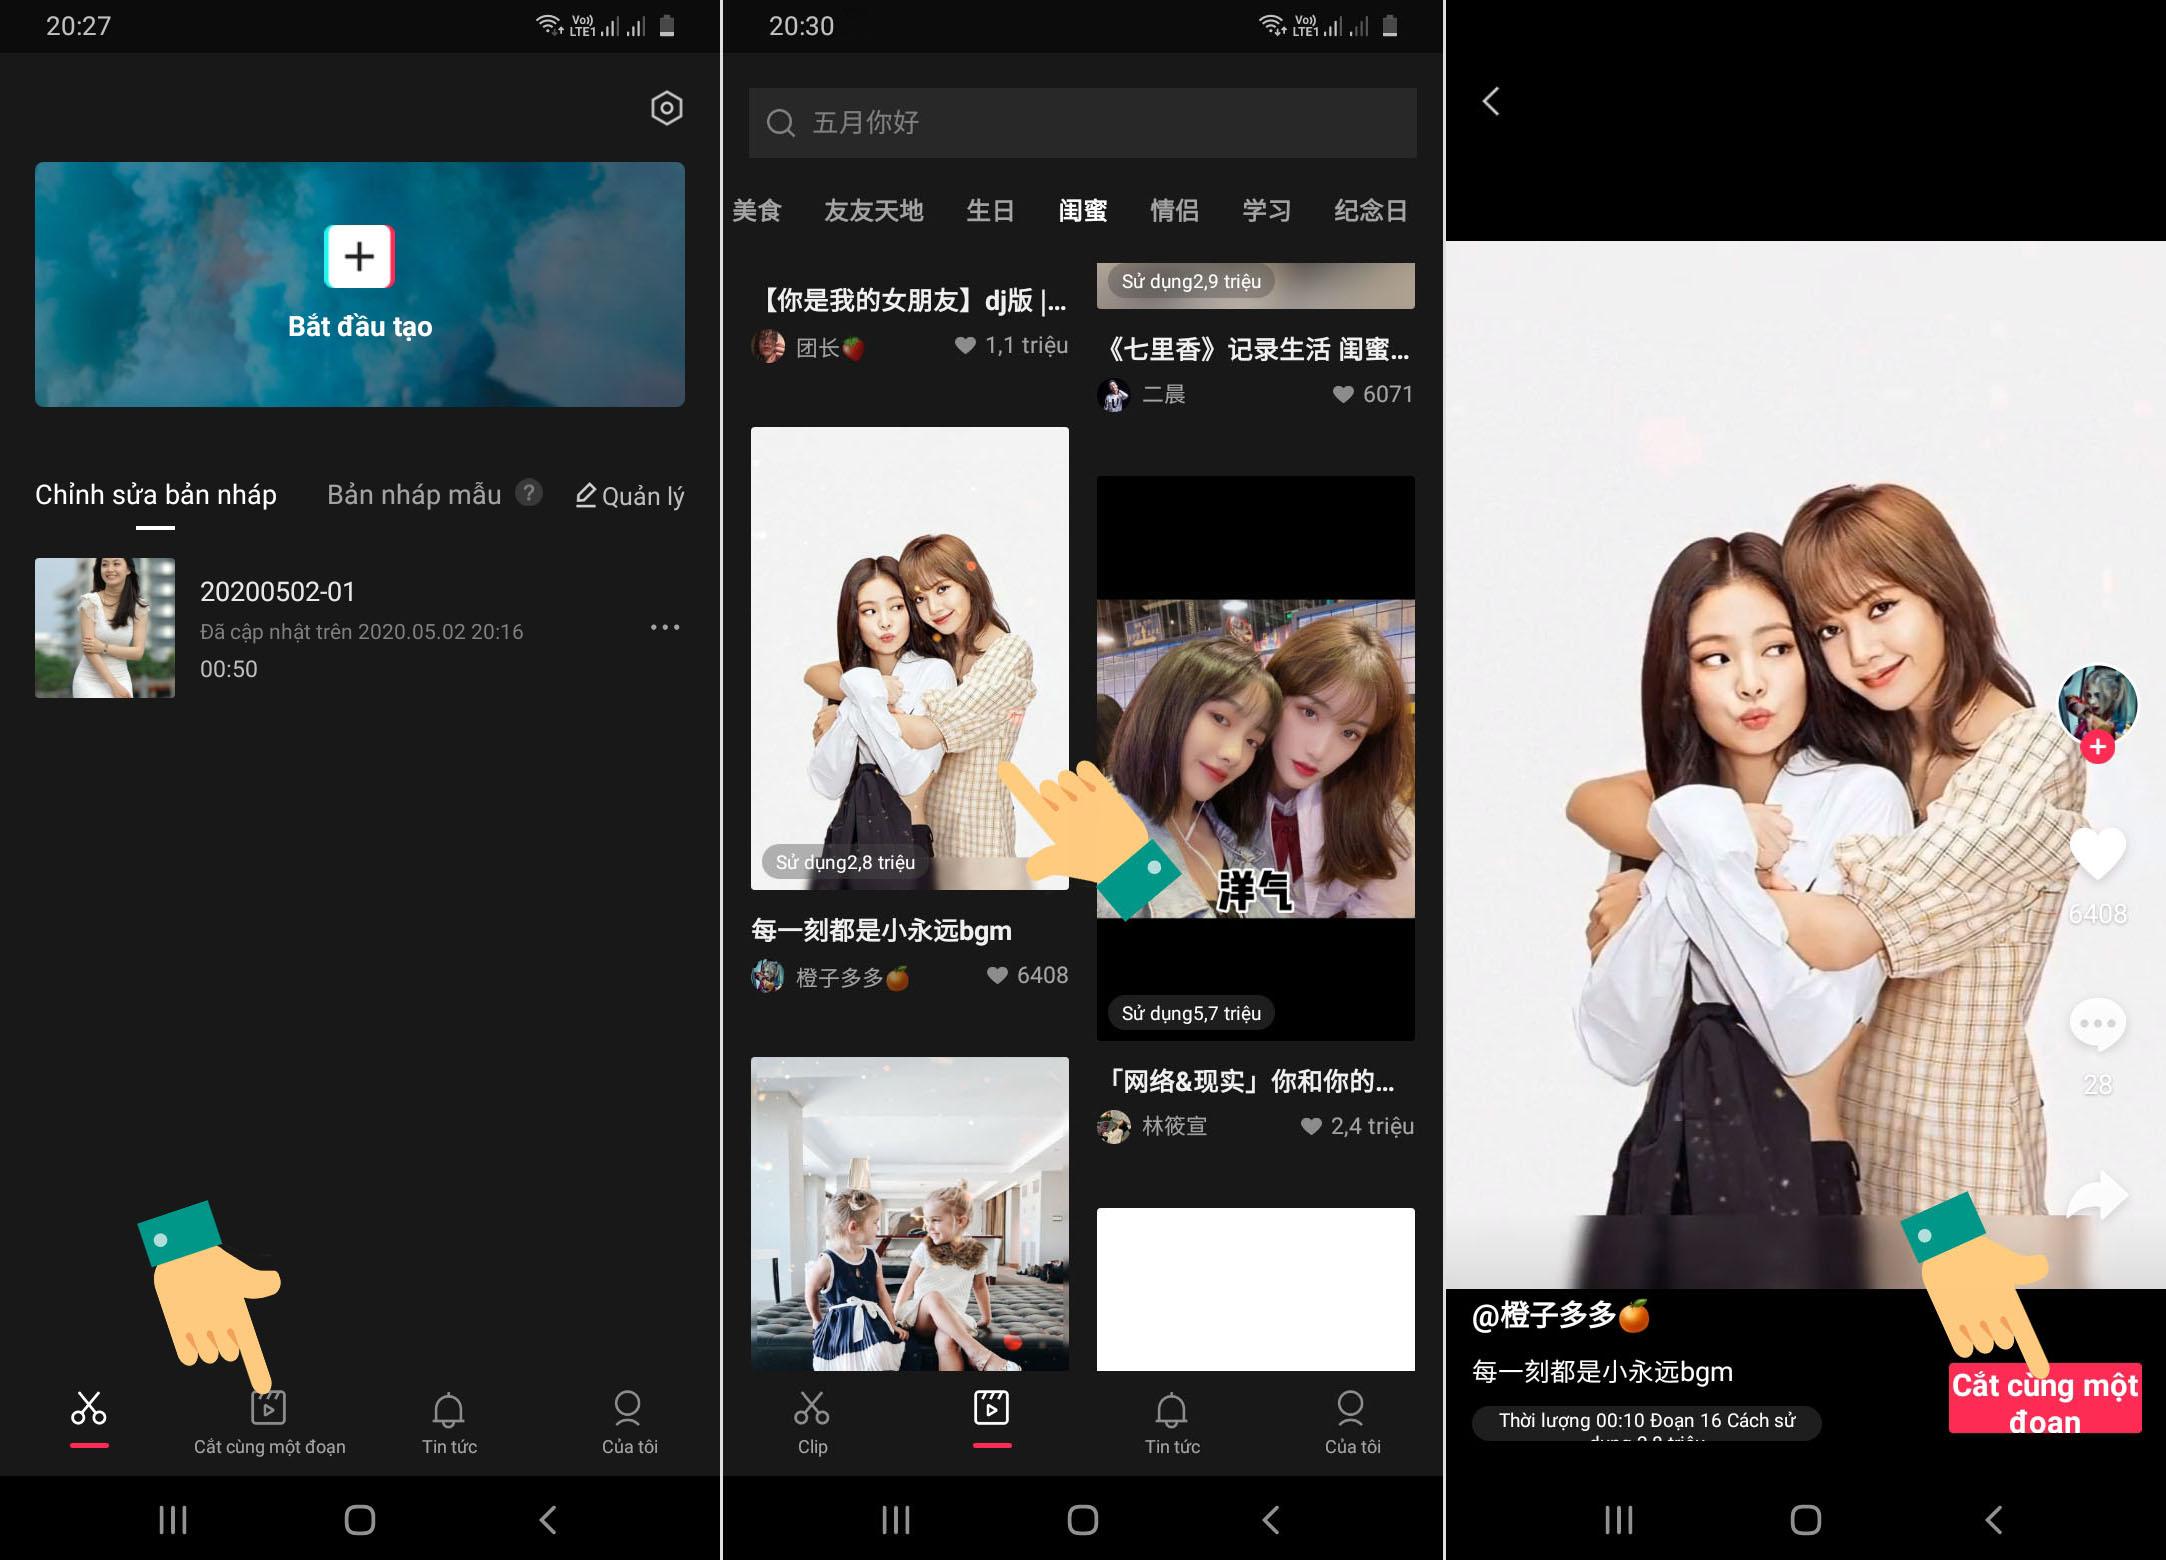 Cách làm video Tik Tok hiệu ứng đẹp với app chỉnh video Trung Quốc JianYing